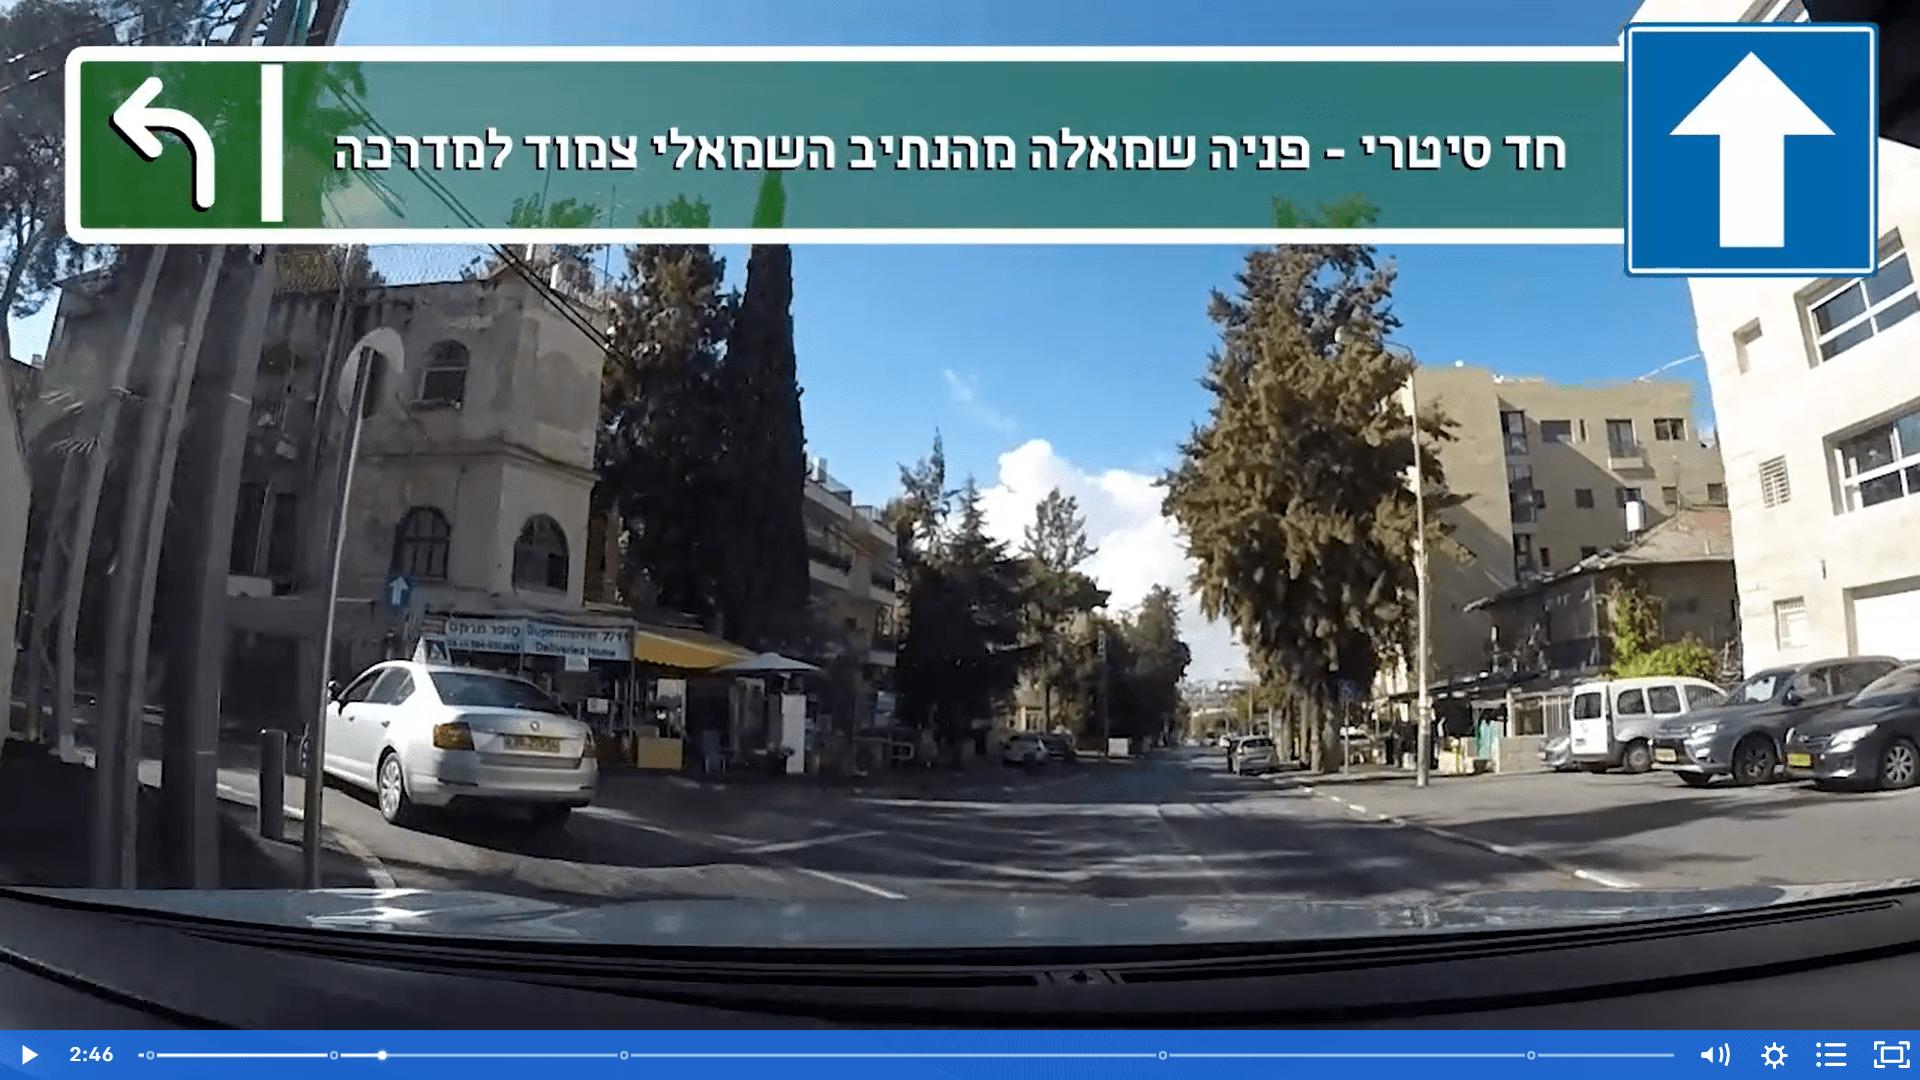 נסיעה בשכונת ארנונה במהלך טסט בירושלים